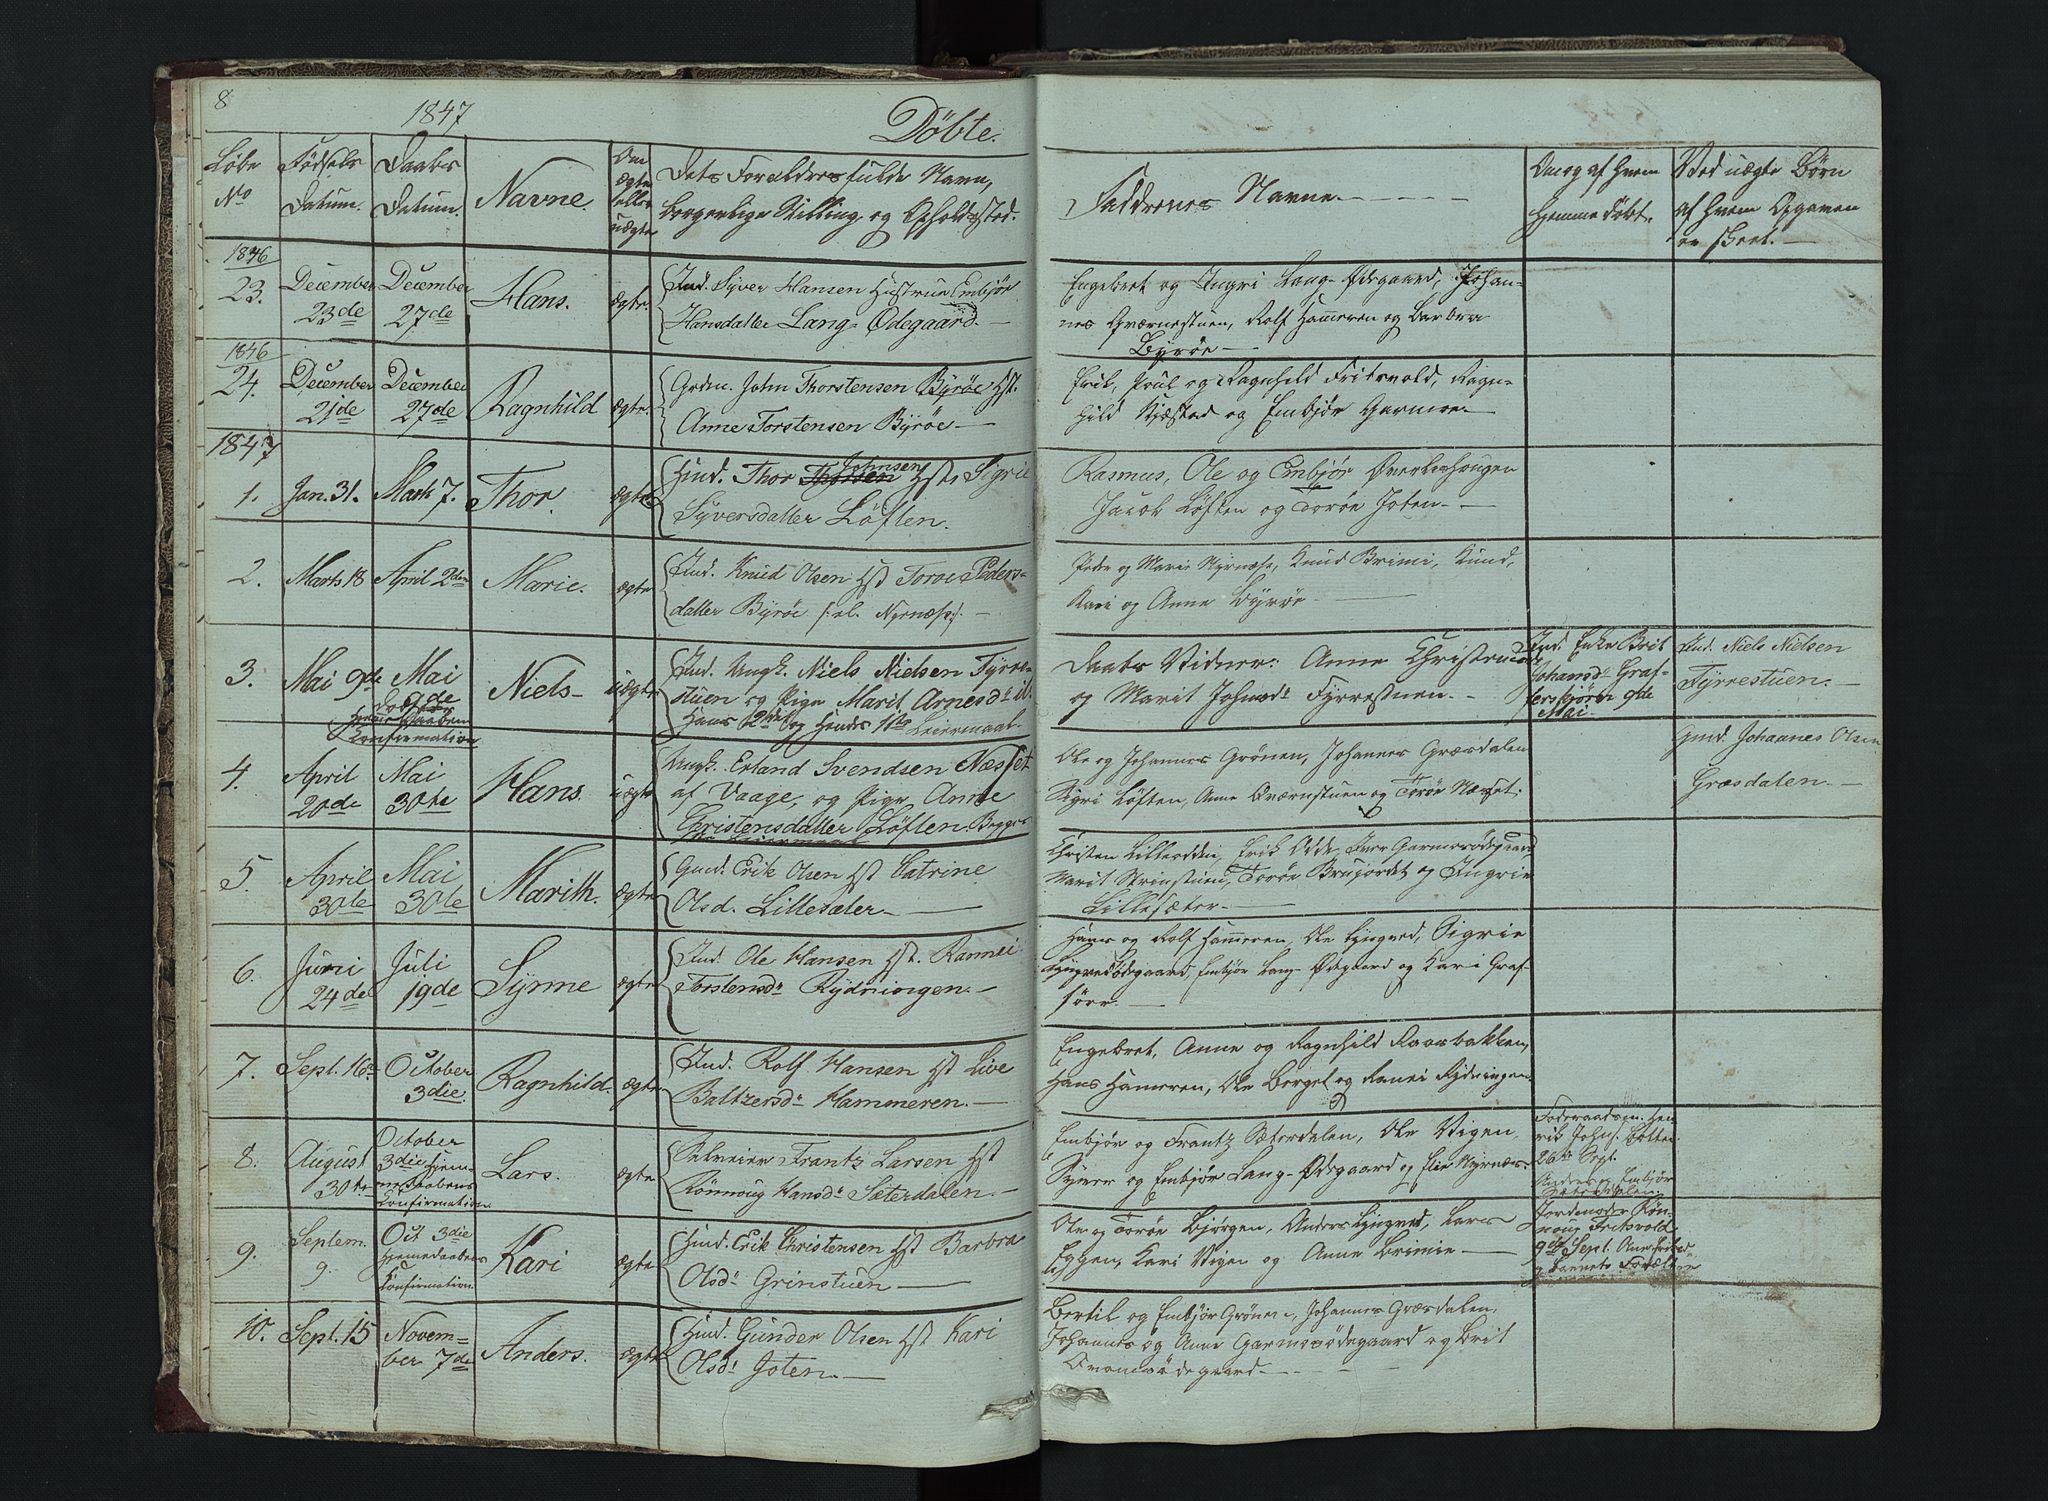 SAH, Lom prestekontor, L/L0014: Klokkerbok nr. 14, 1845-1876, s. 8-9